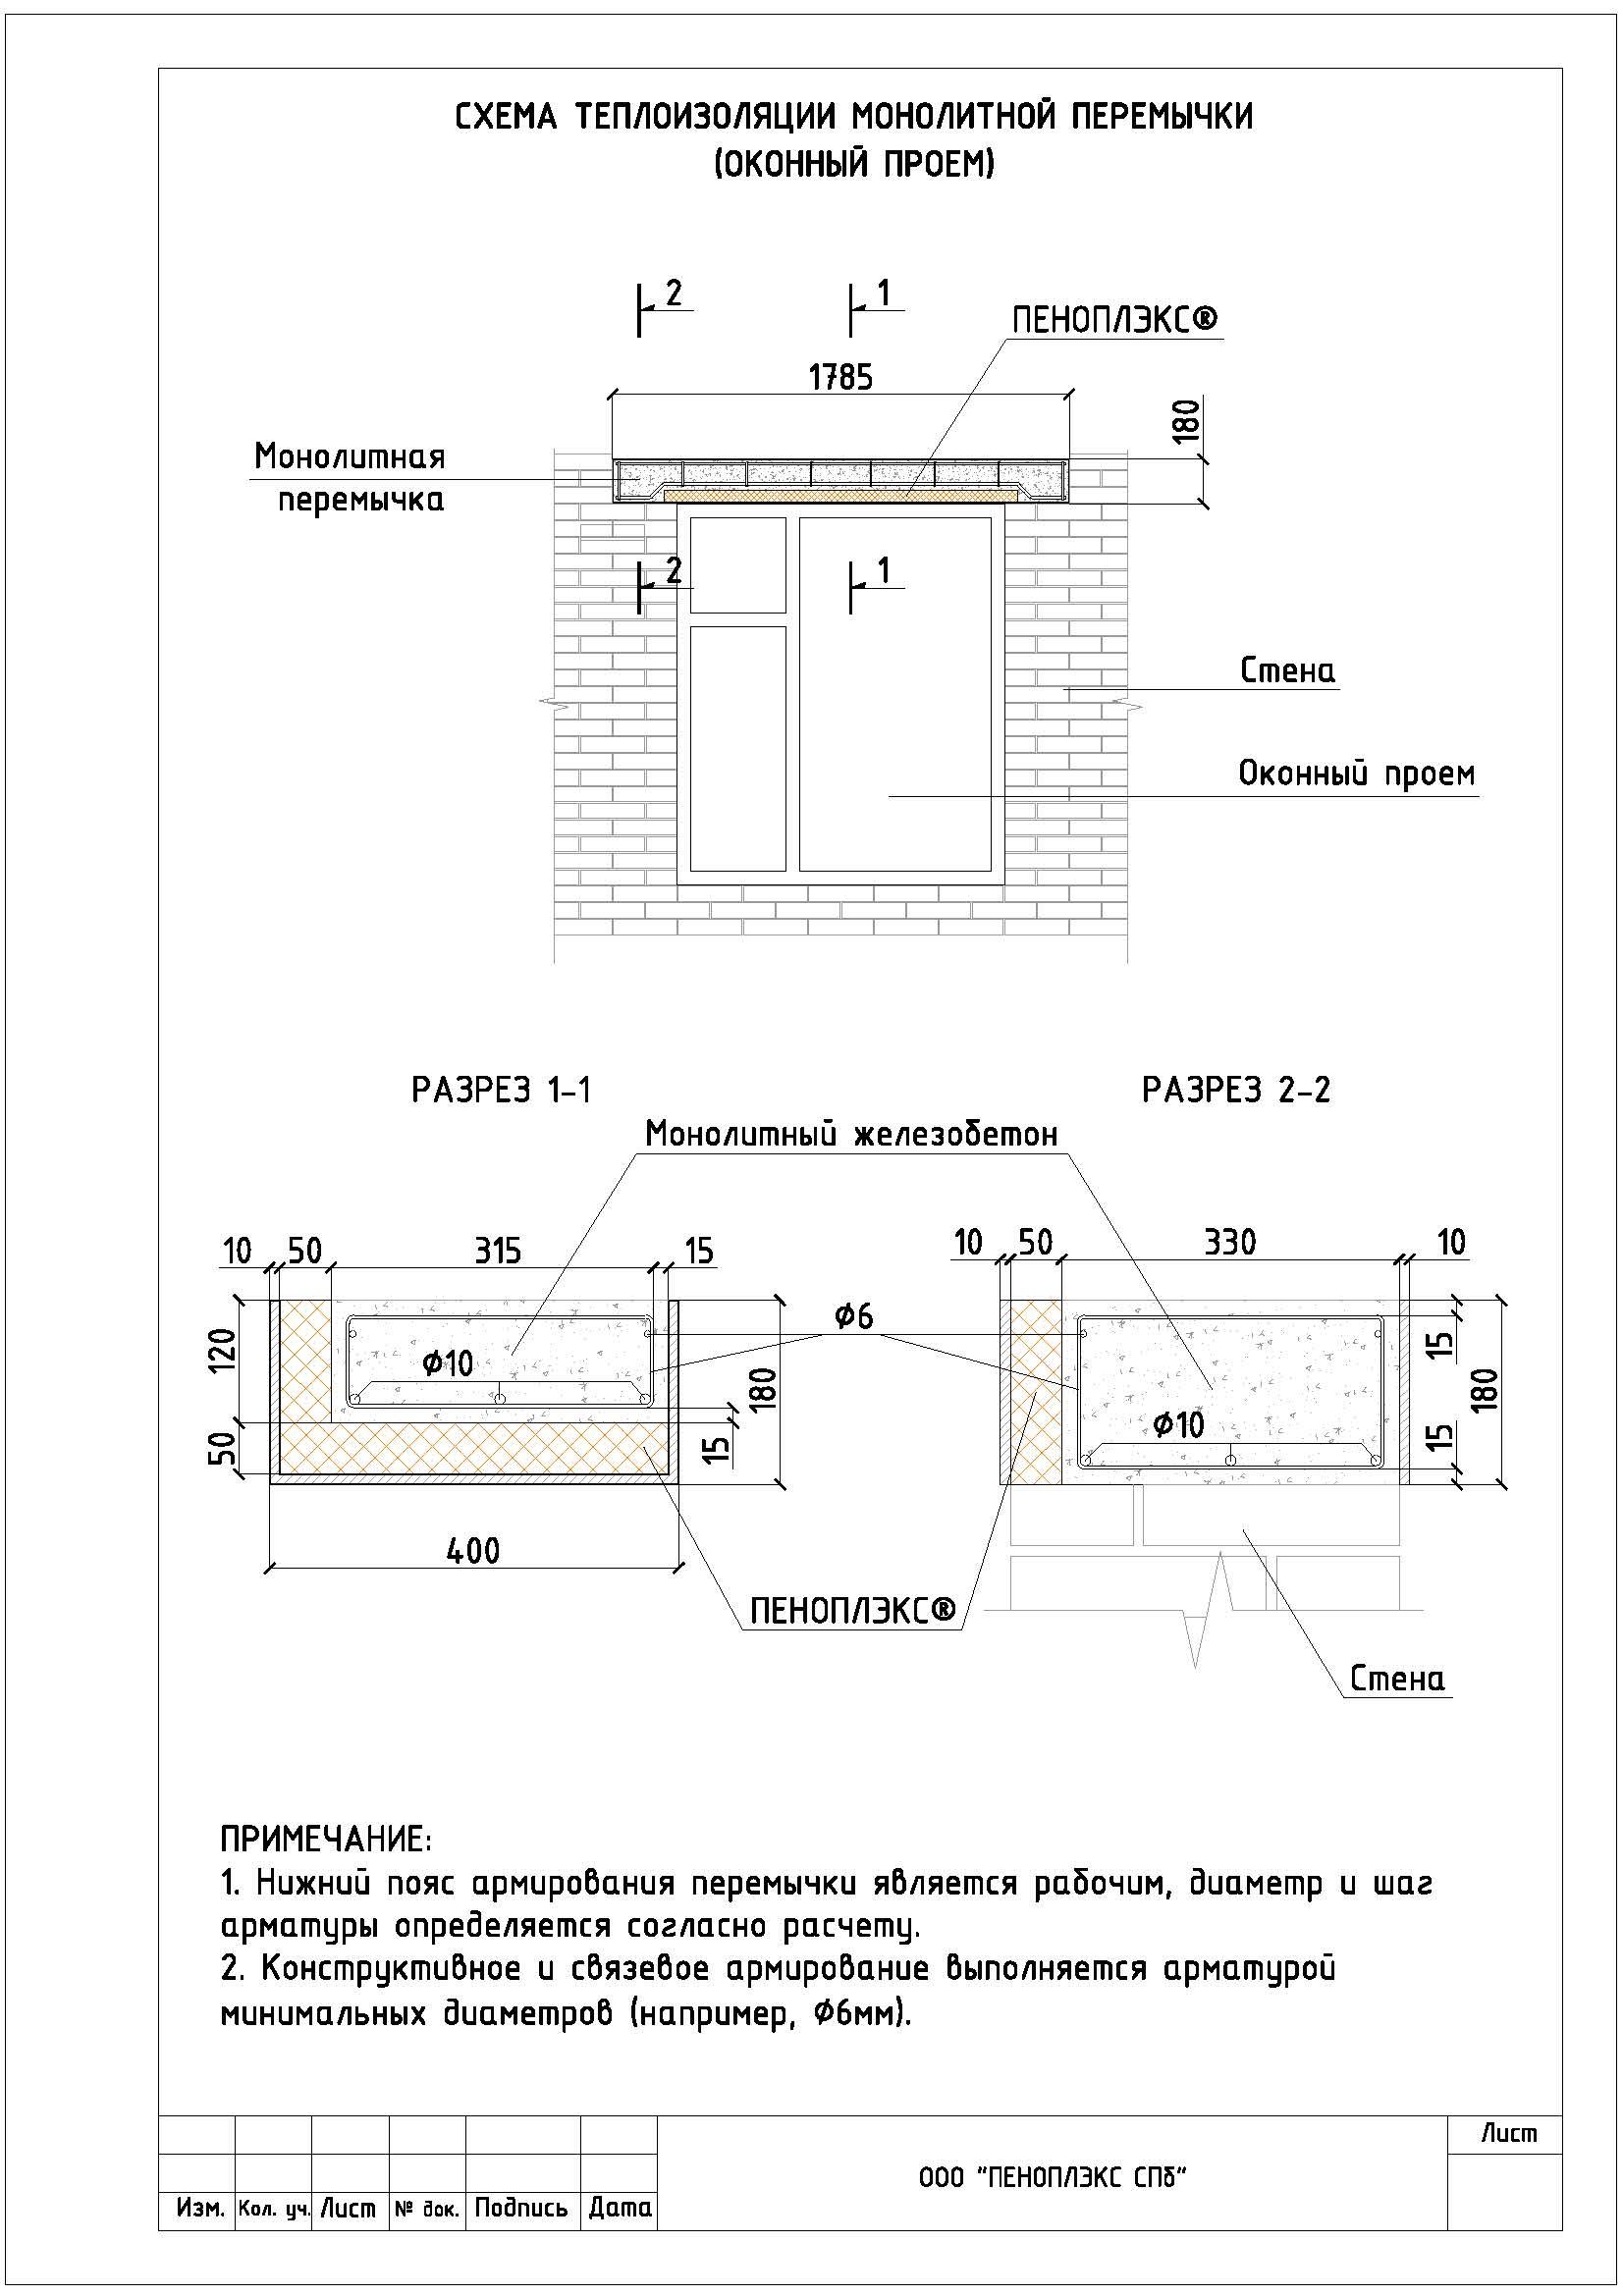 Перемычки для оконных и дверных проемов - самстрой - строительство, дизайн, архитектура.